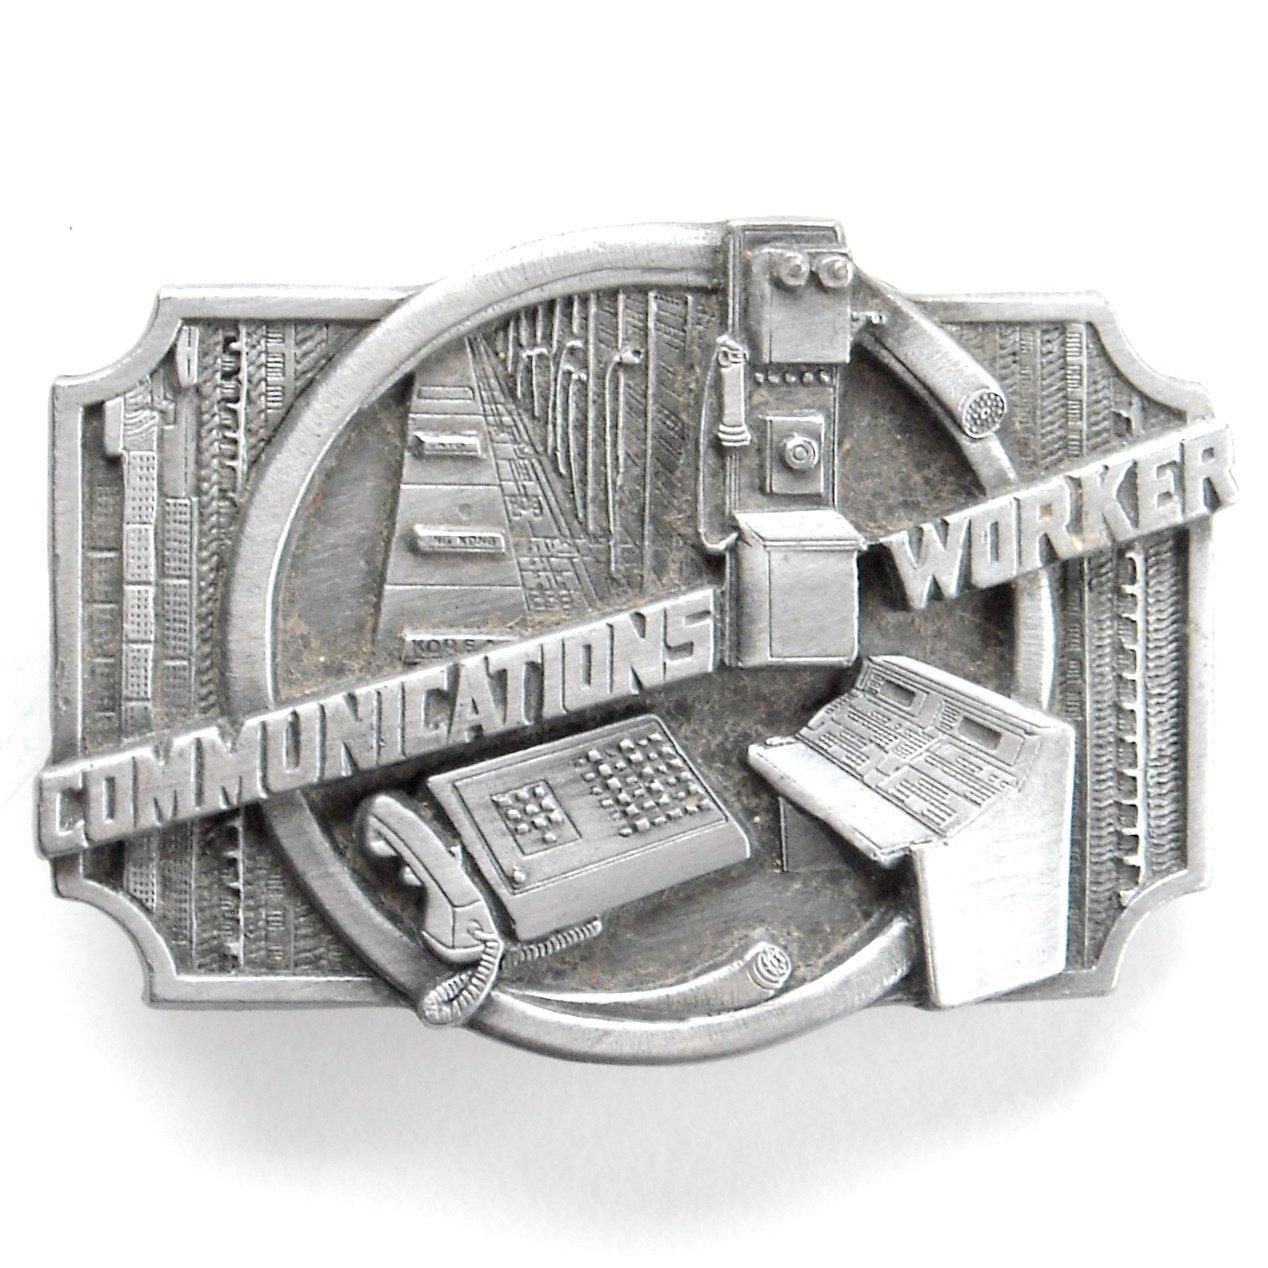 Communications Worker Vintage Siskiyou Pewter Belt Buckle